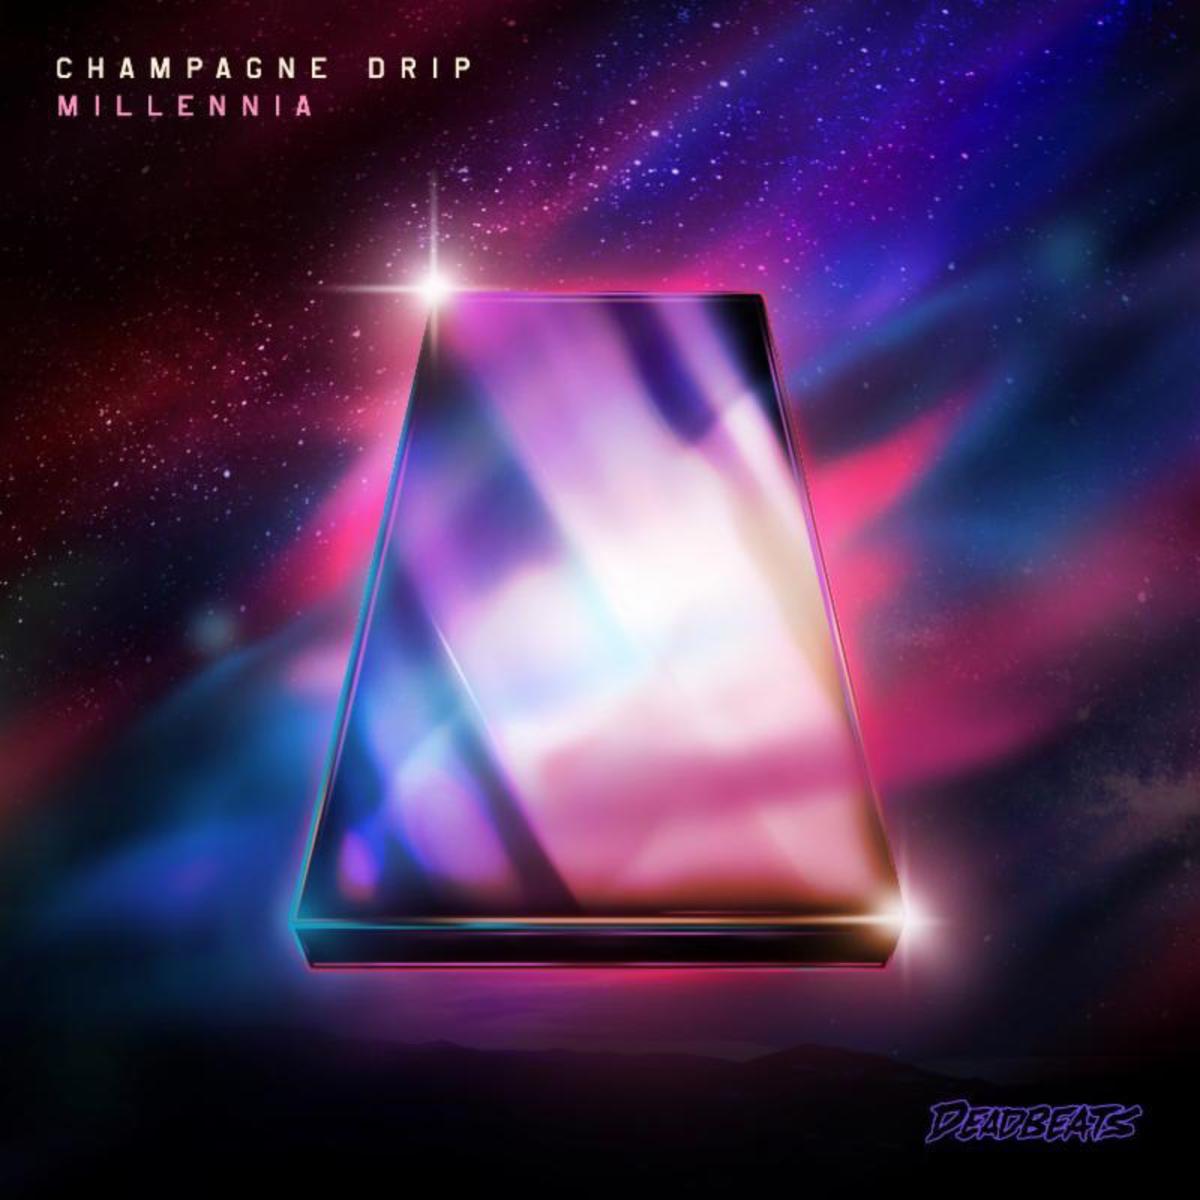 Champagne Drip Millennia EP